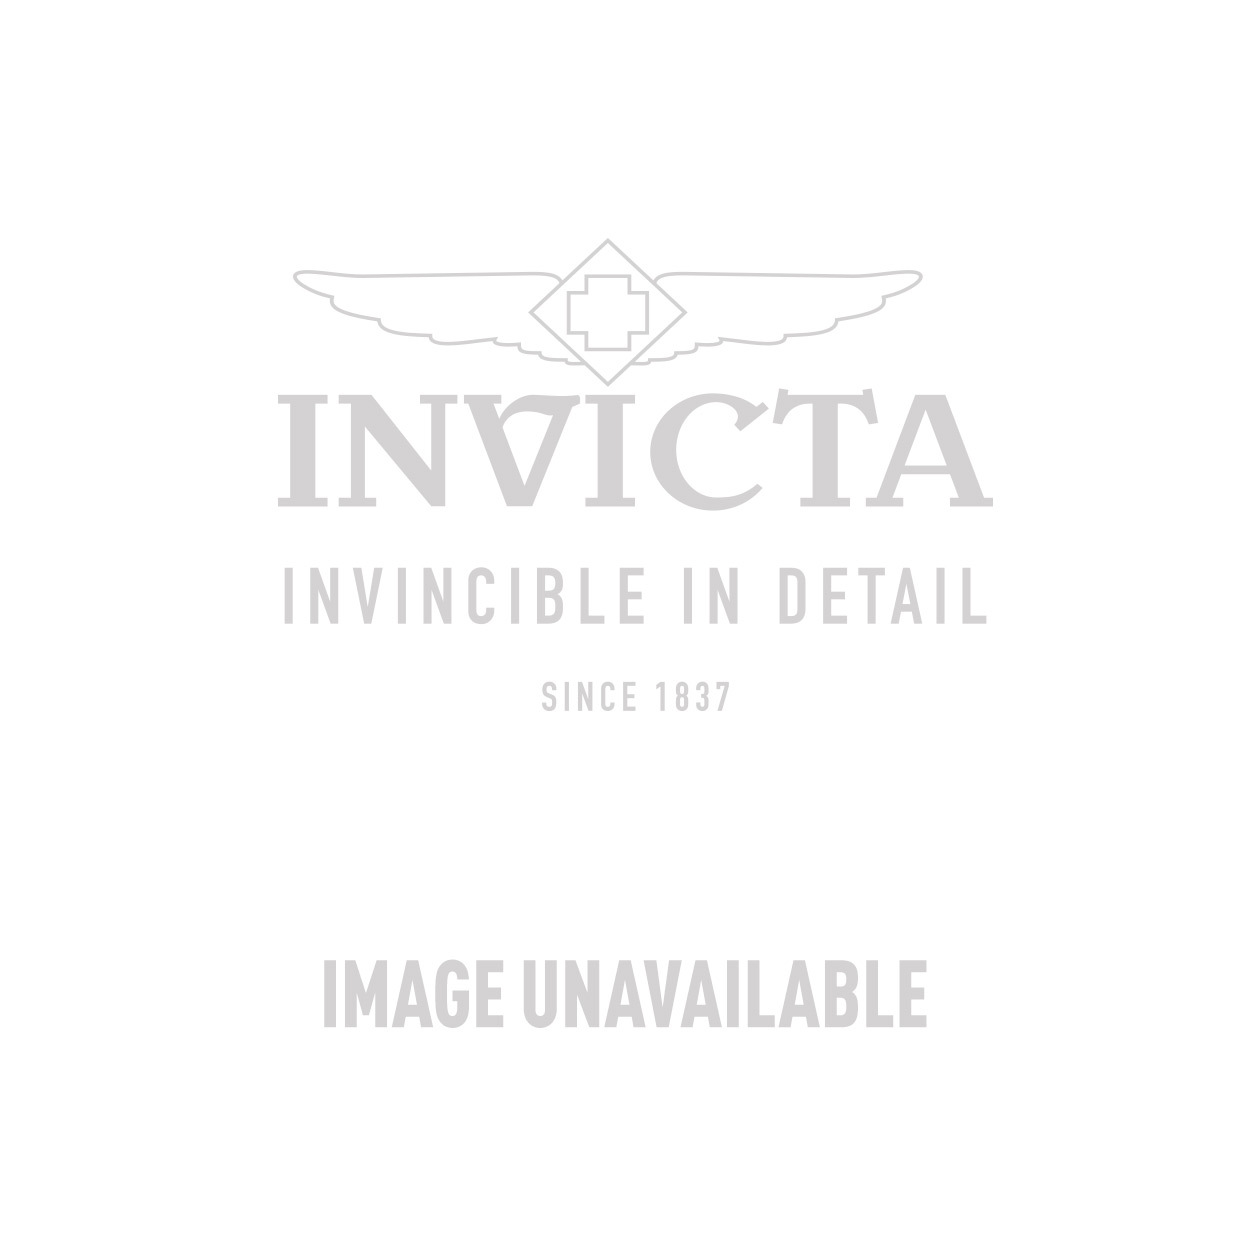 Invicta Model 25480